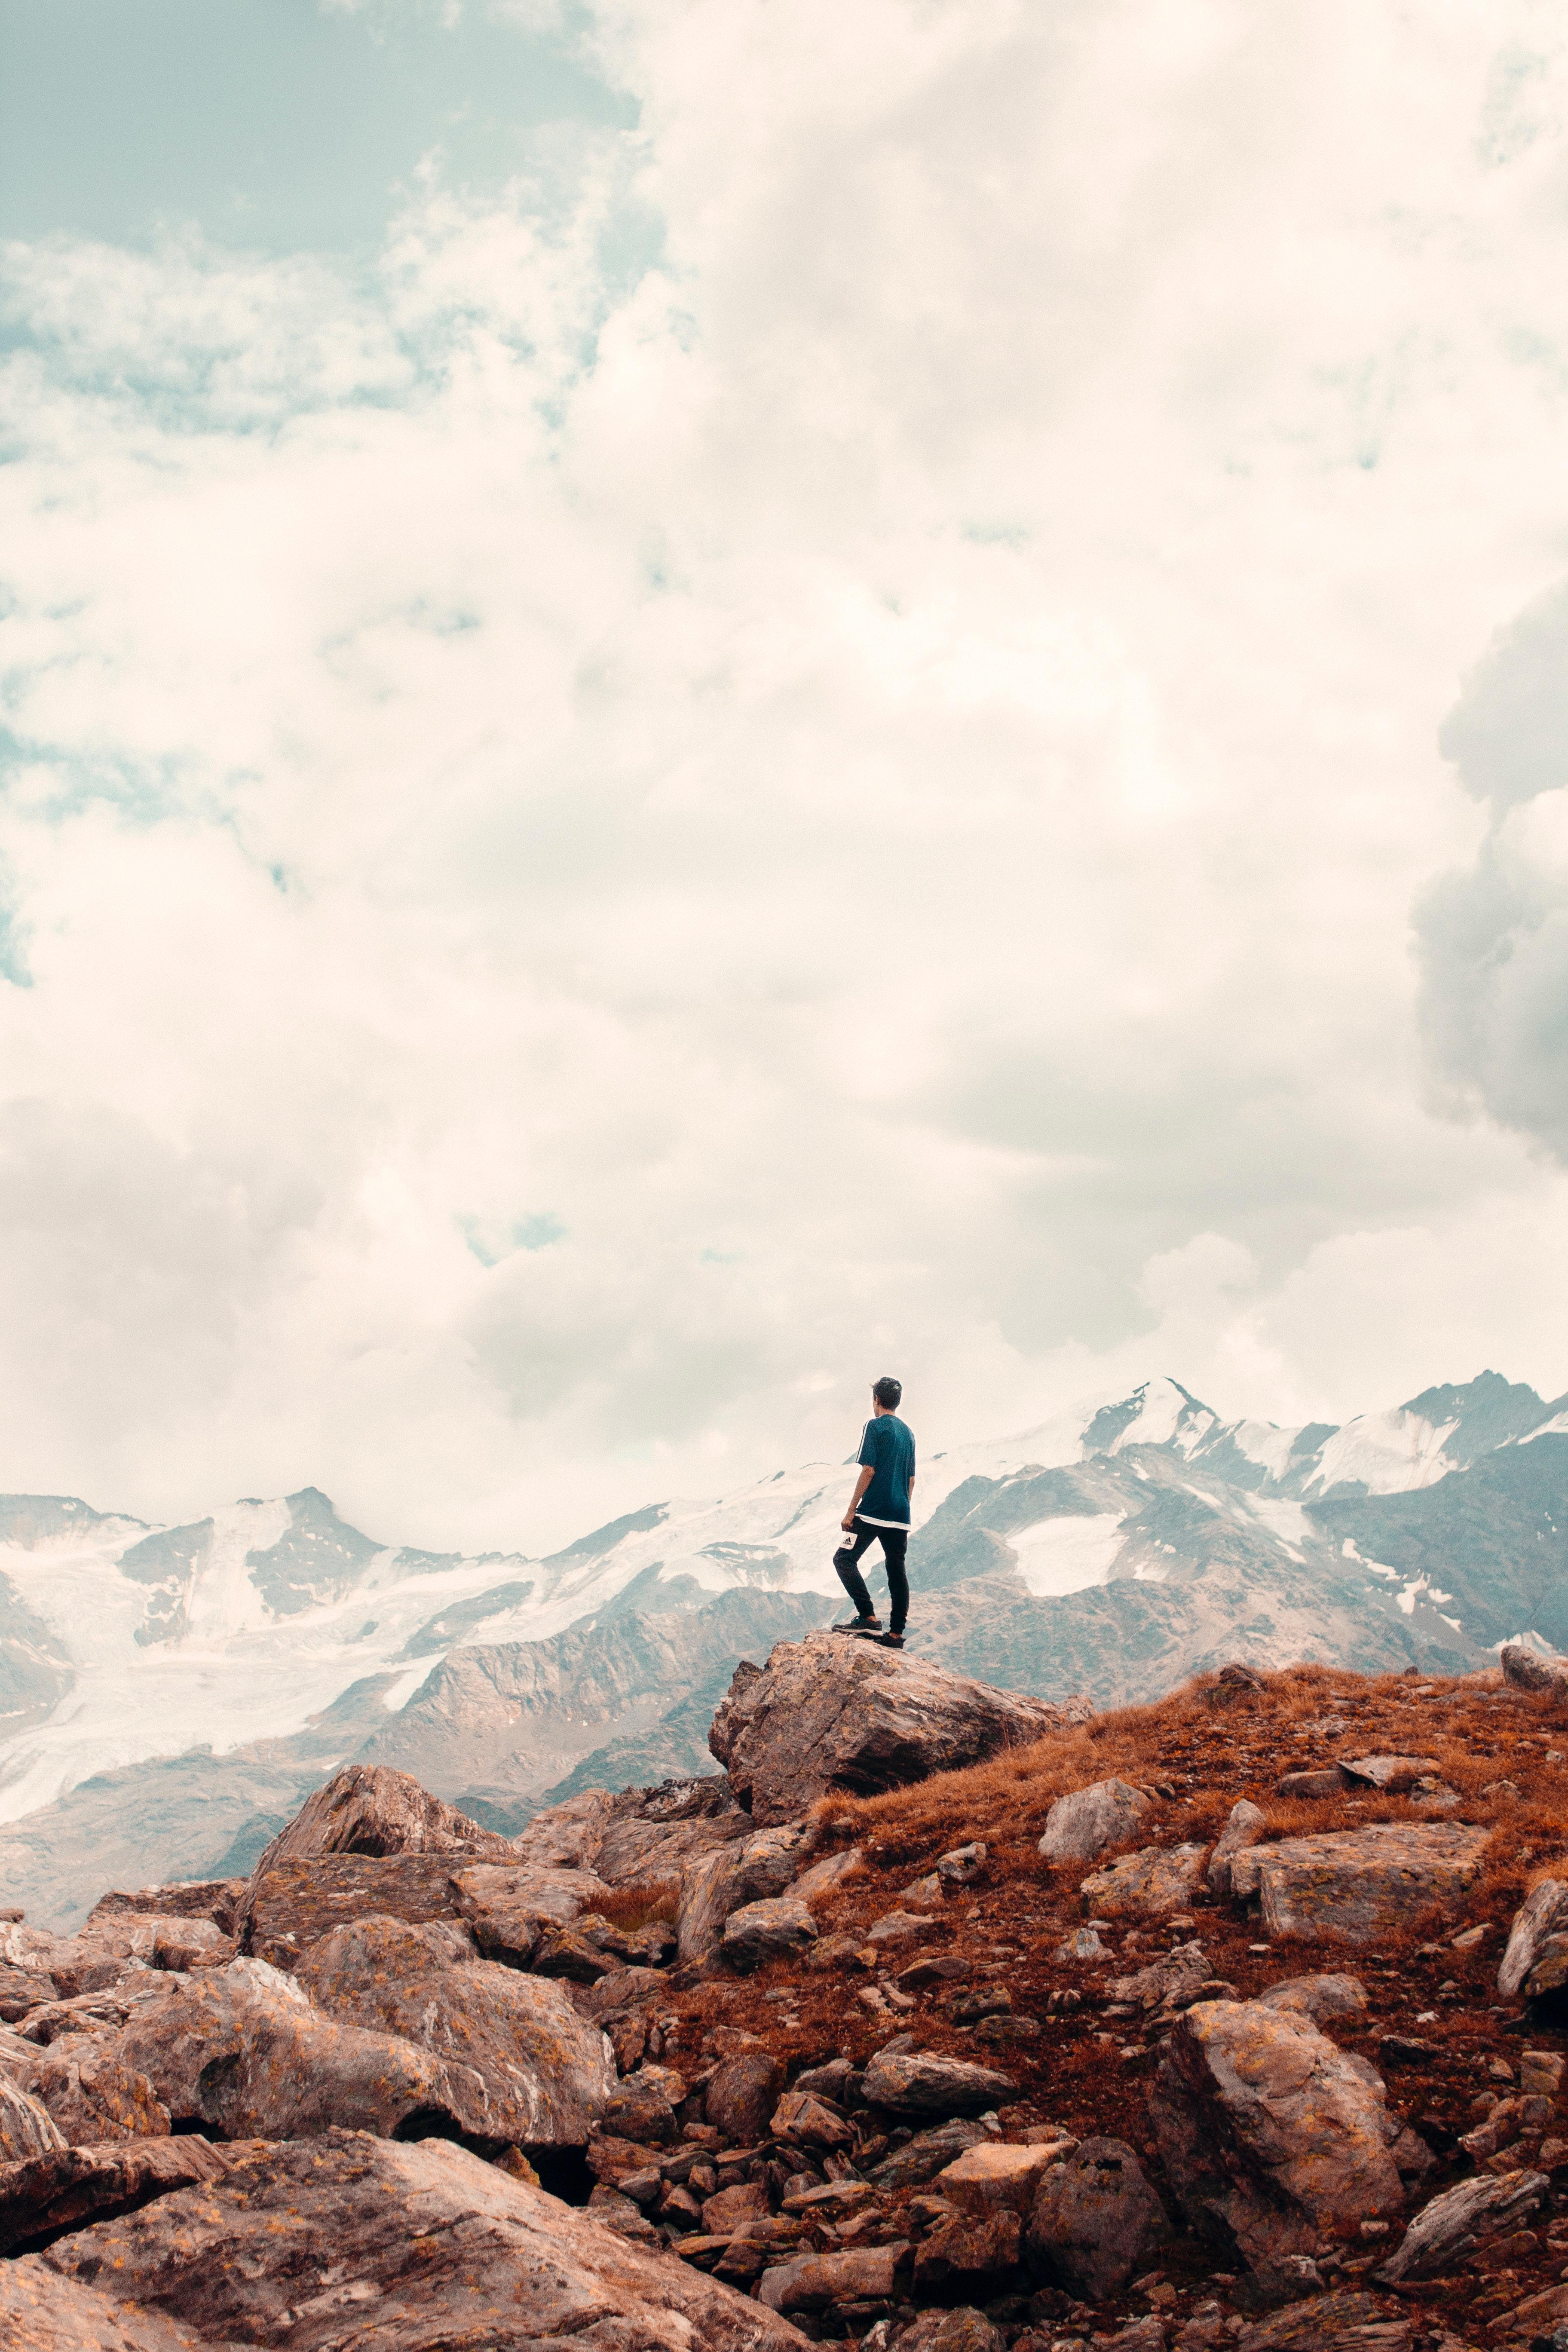 寫自己的故事!凱眉的攀岩寫作旅程-本集分享人:凱眉